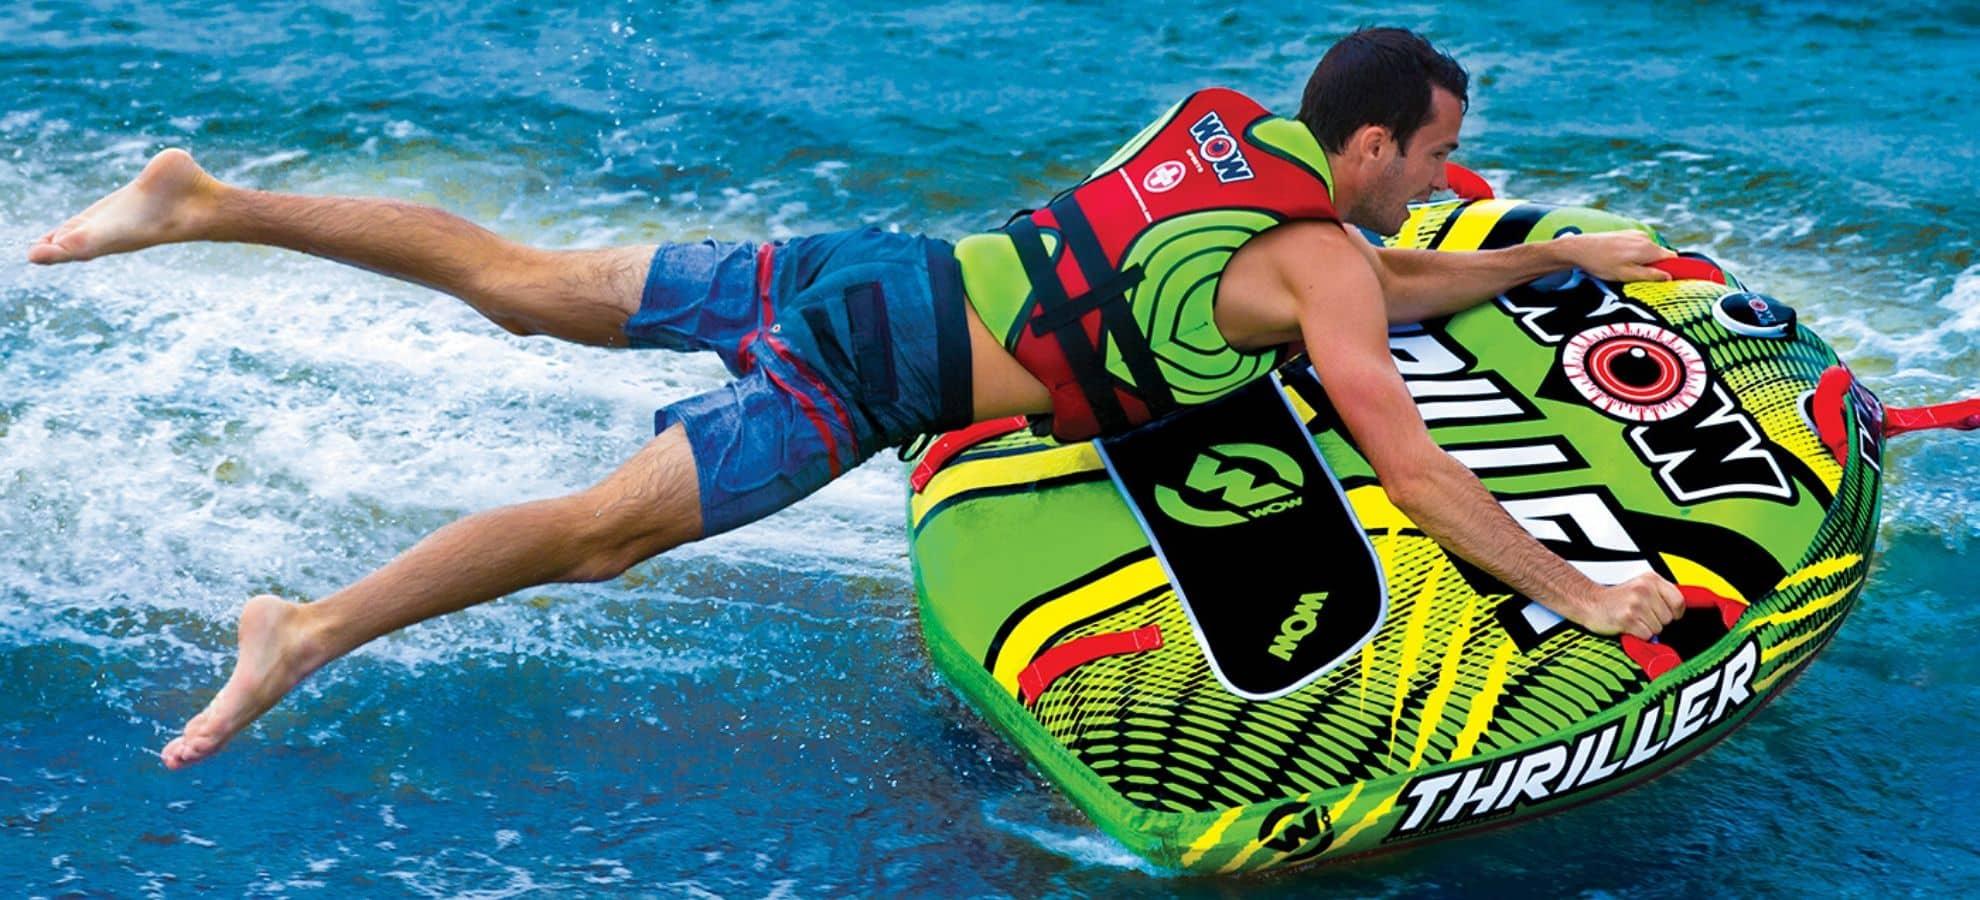 Bóias: a diversão que não pode faltar na água!